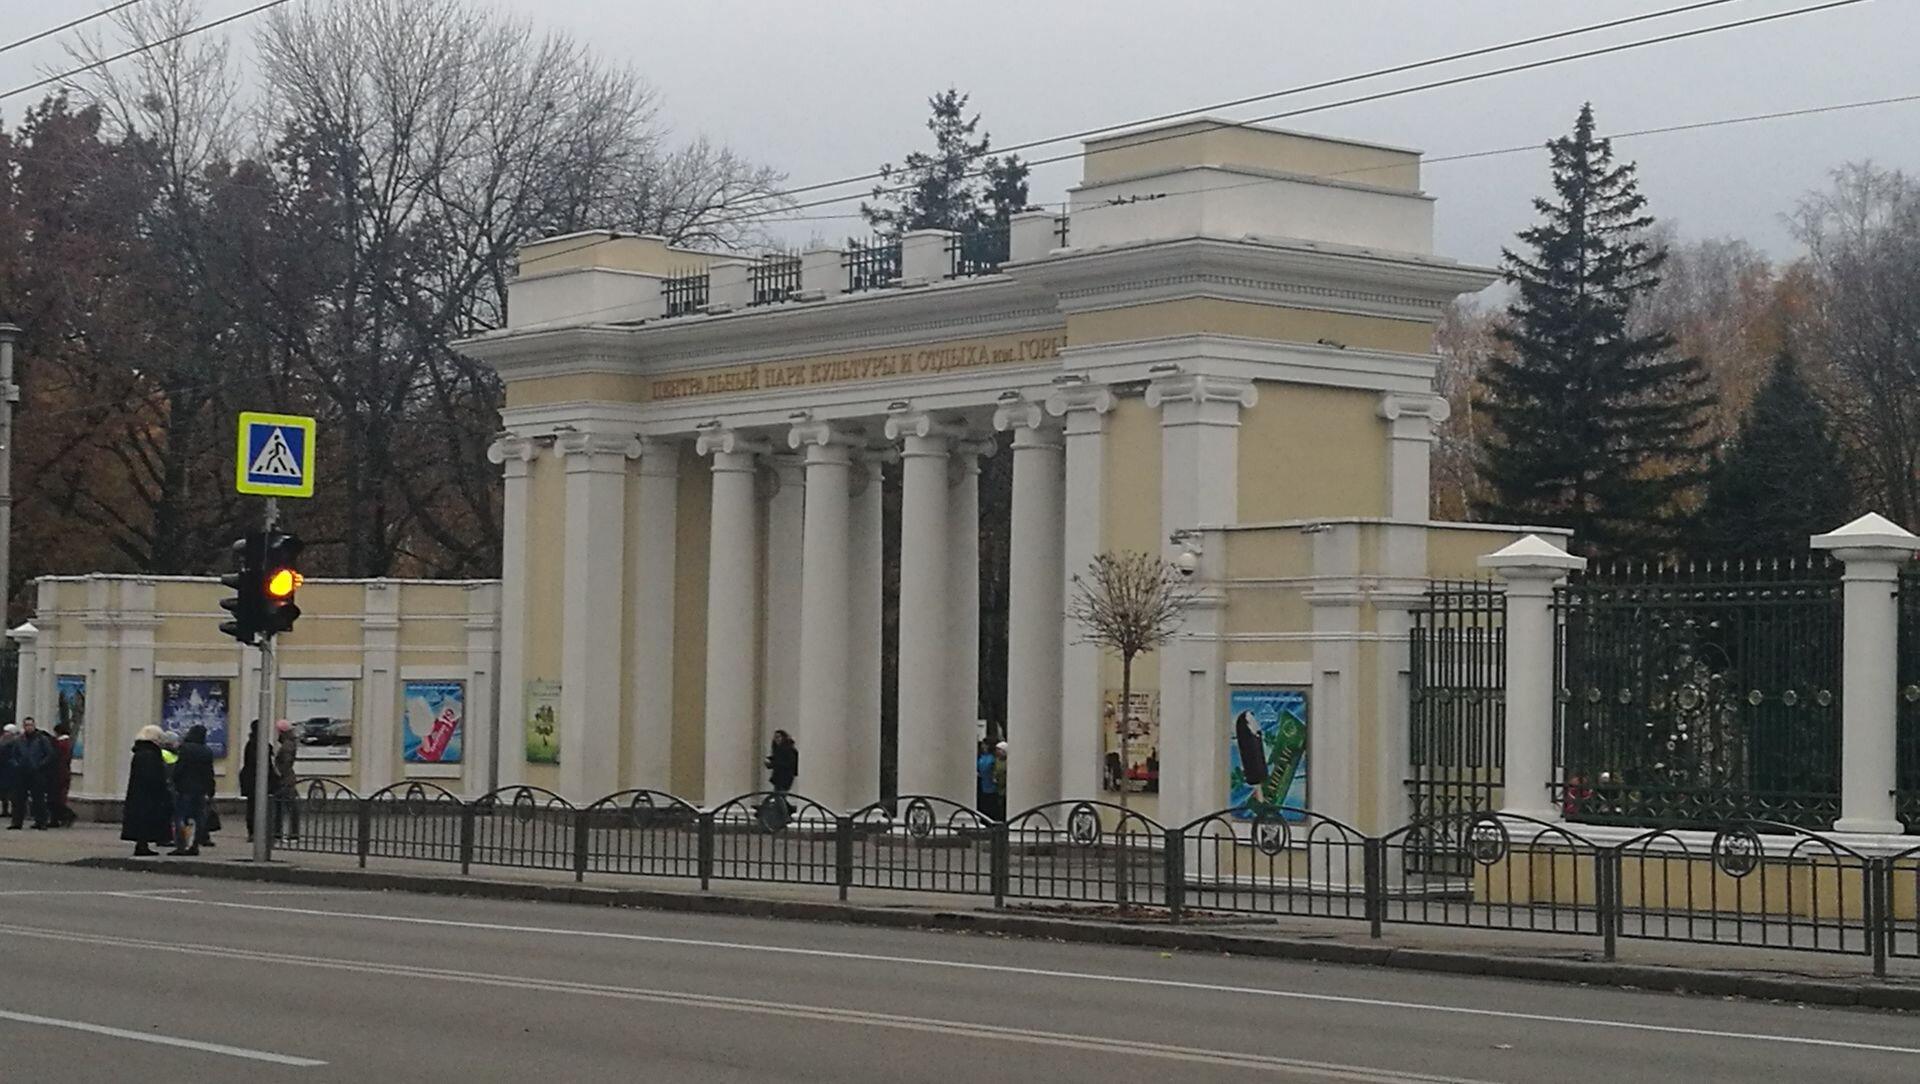 Заказ такси Белгород Харьков